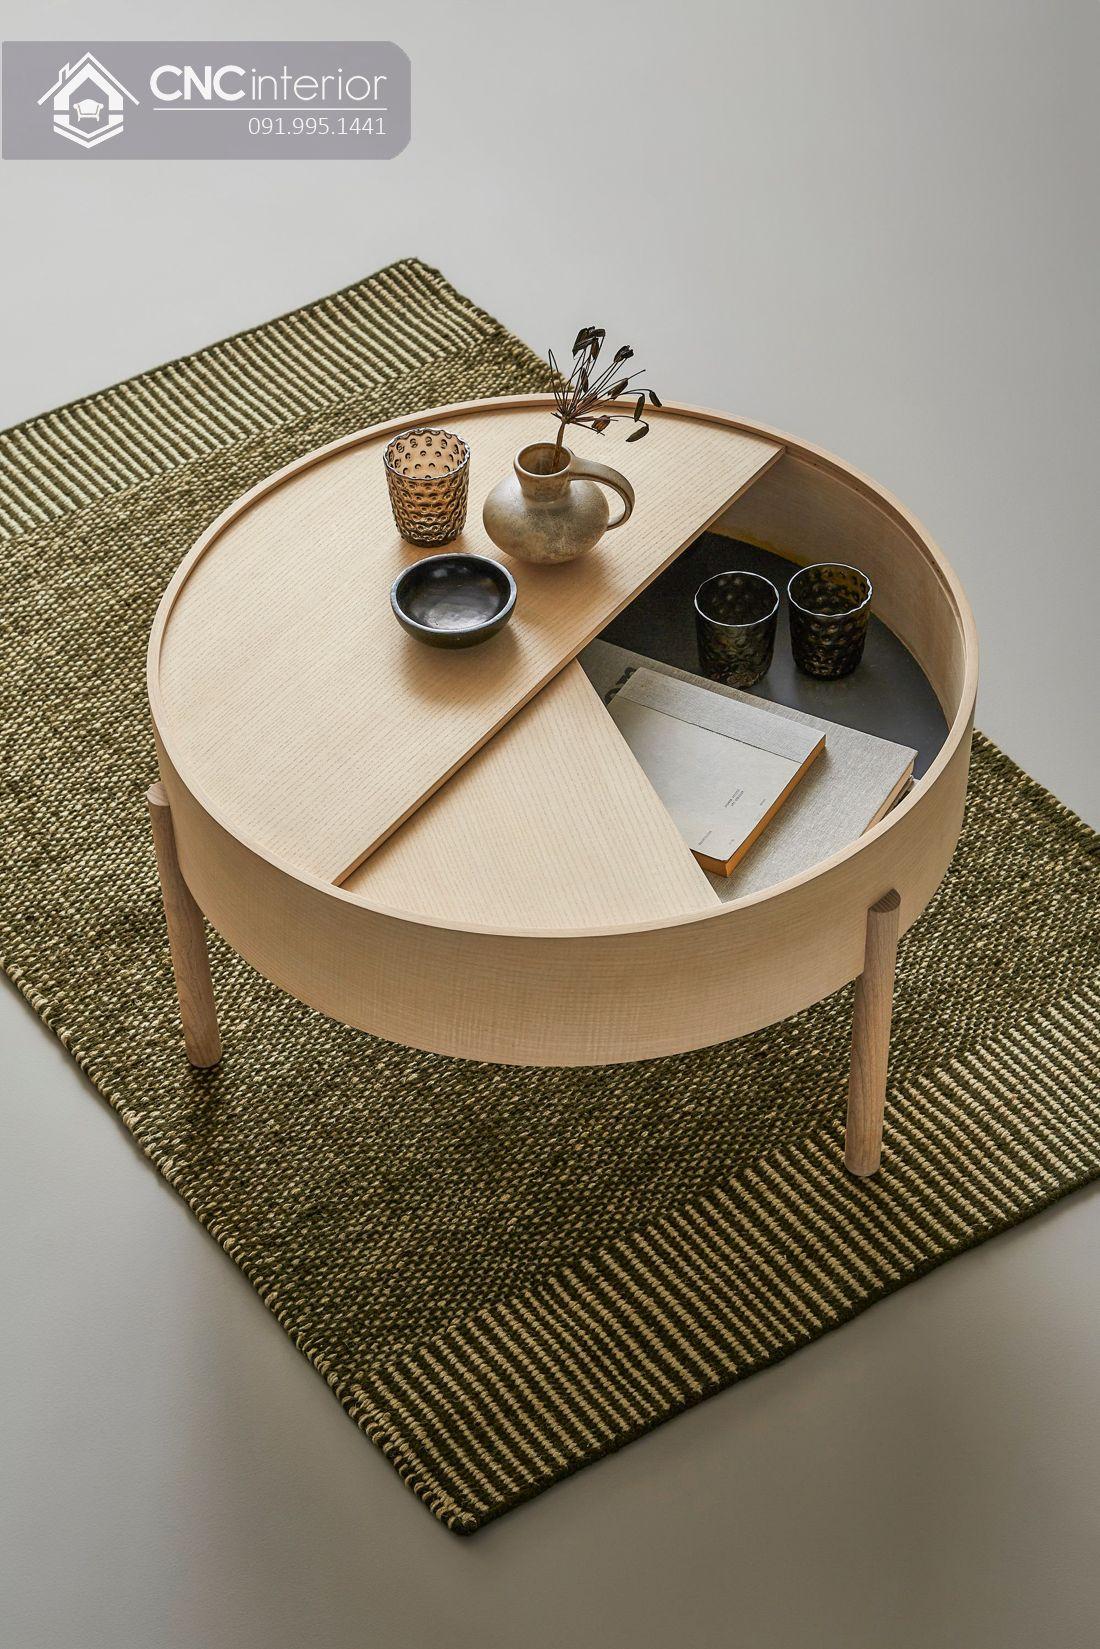 Bàn trà tròn nhỏ gọn bằng gỗ CNC 01 2